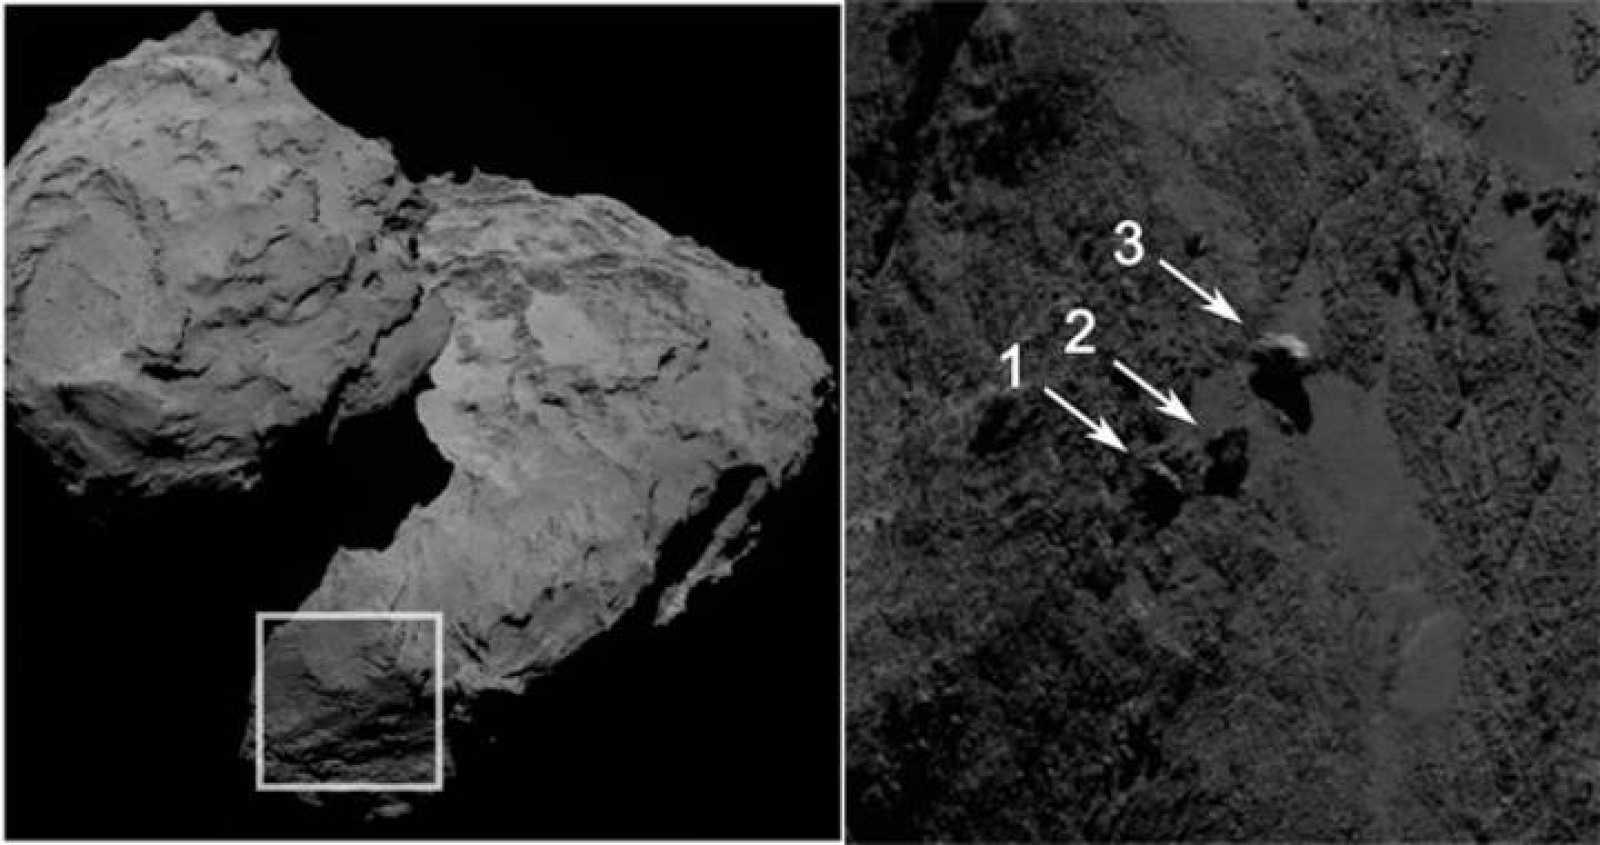 Vista de la zona del cometa donde se han hallado las tres piedras oscilantes y detalles de estas, con su localización.